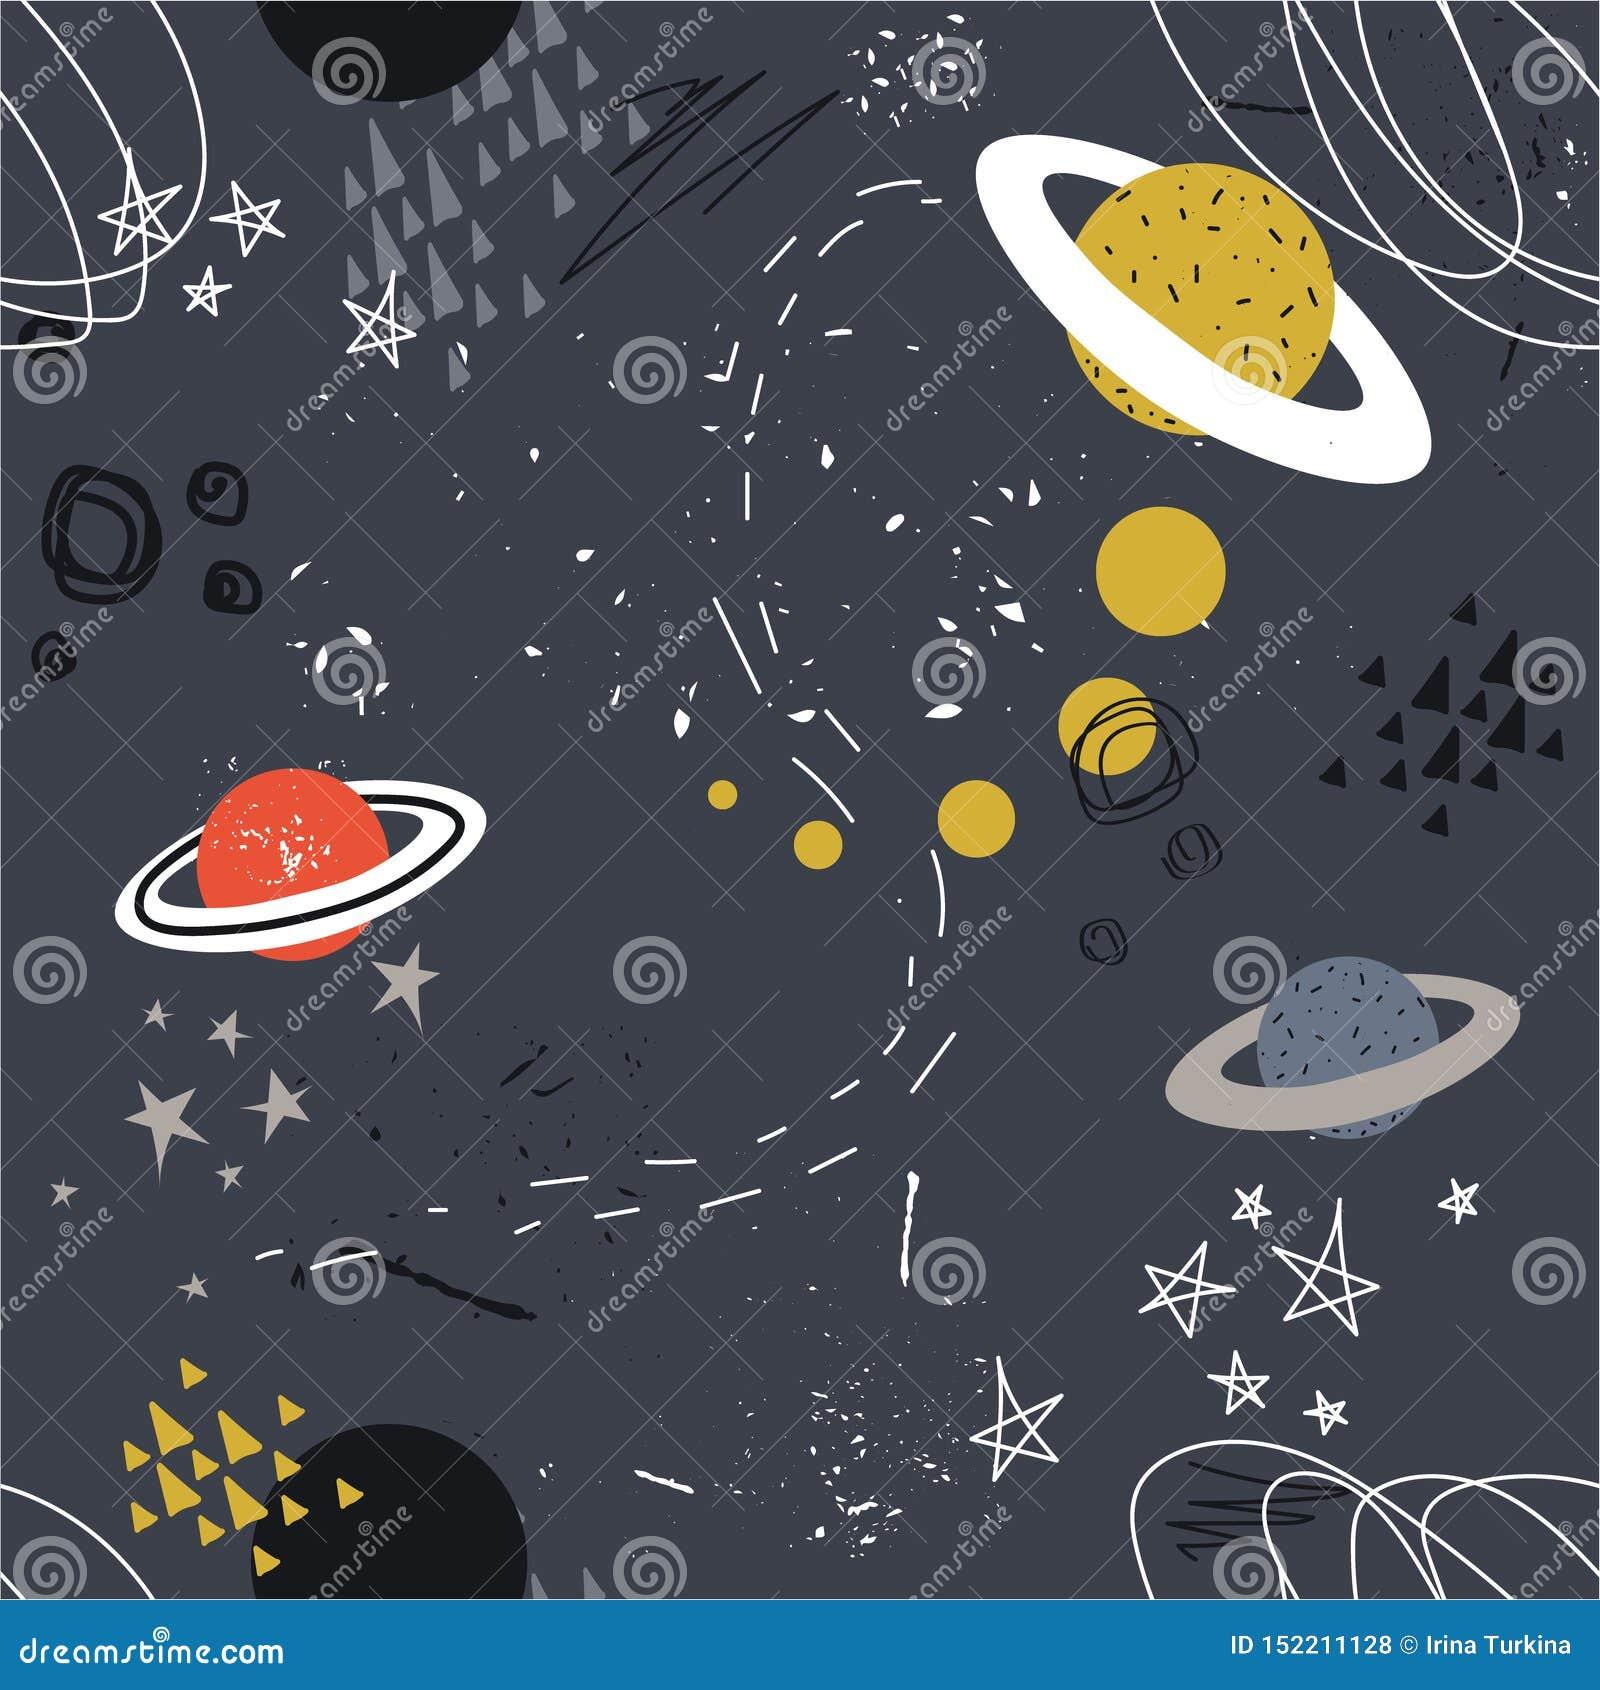 Sterne, Planeten, Konstellationen, buntes nahtloses Muster Dekorativer Überschneidungshintergrund, Weltraum